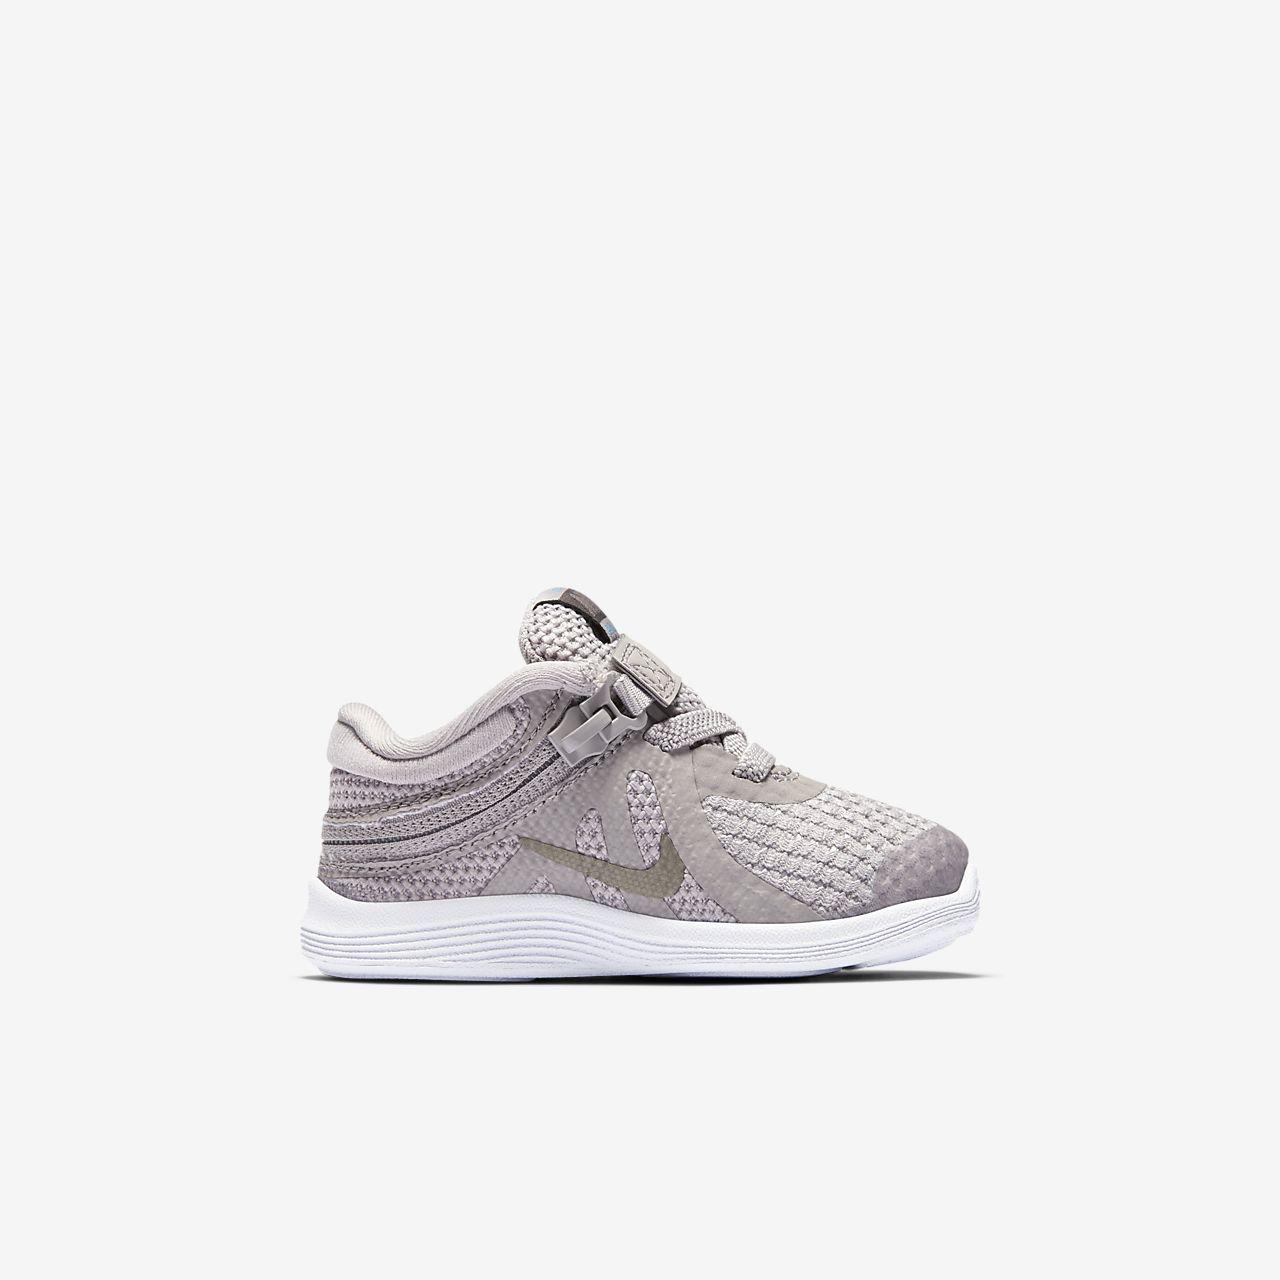 Bébé Revolution Enfant Nike 4 Chaussure Flyease Et Petit Pour 0nwPkO8